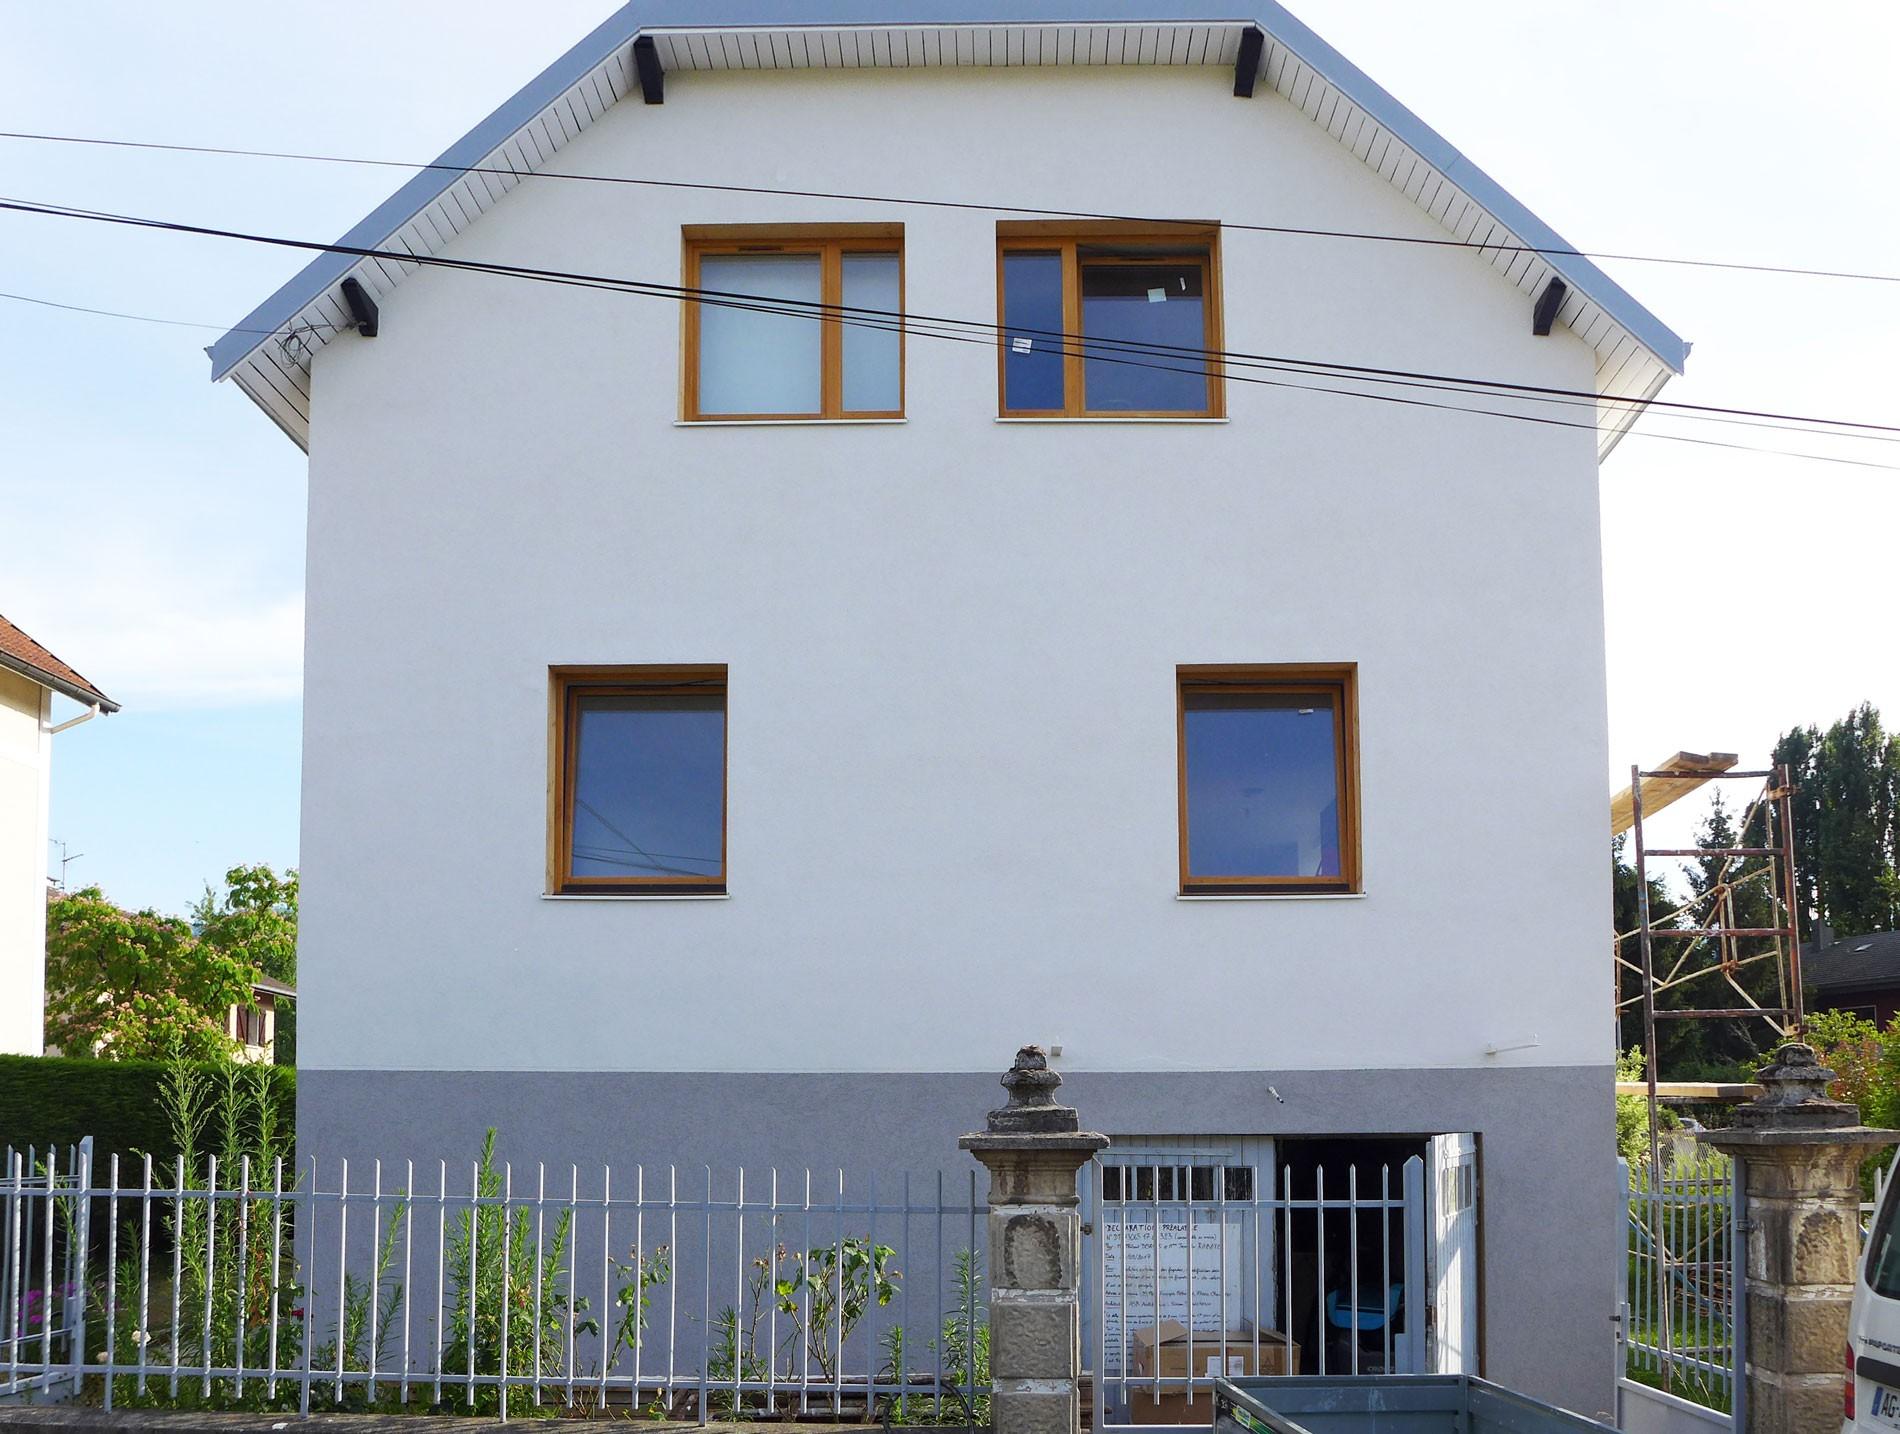 asb-architecture-savoie-chambery-renovation-maison-de-ville-bois-enduit-6